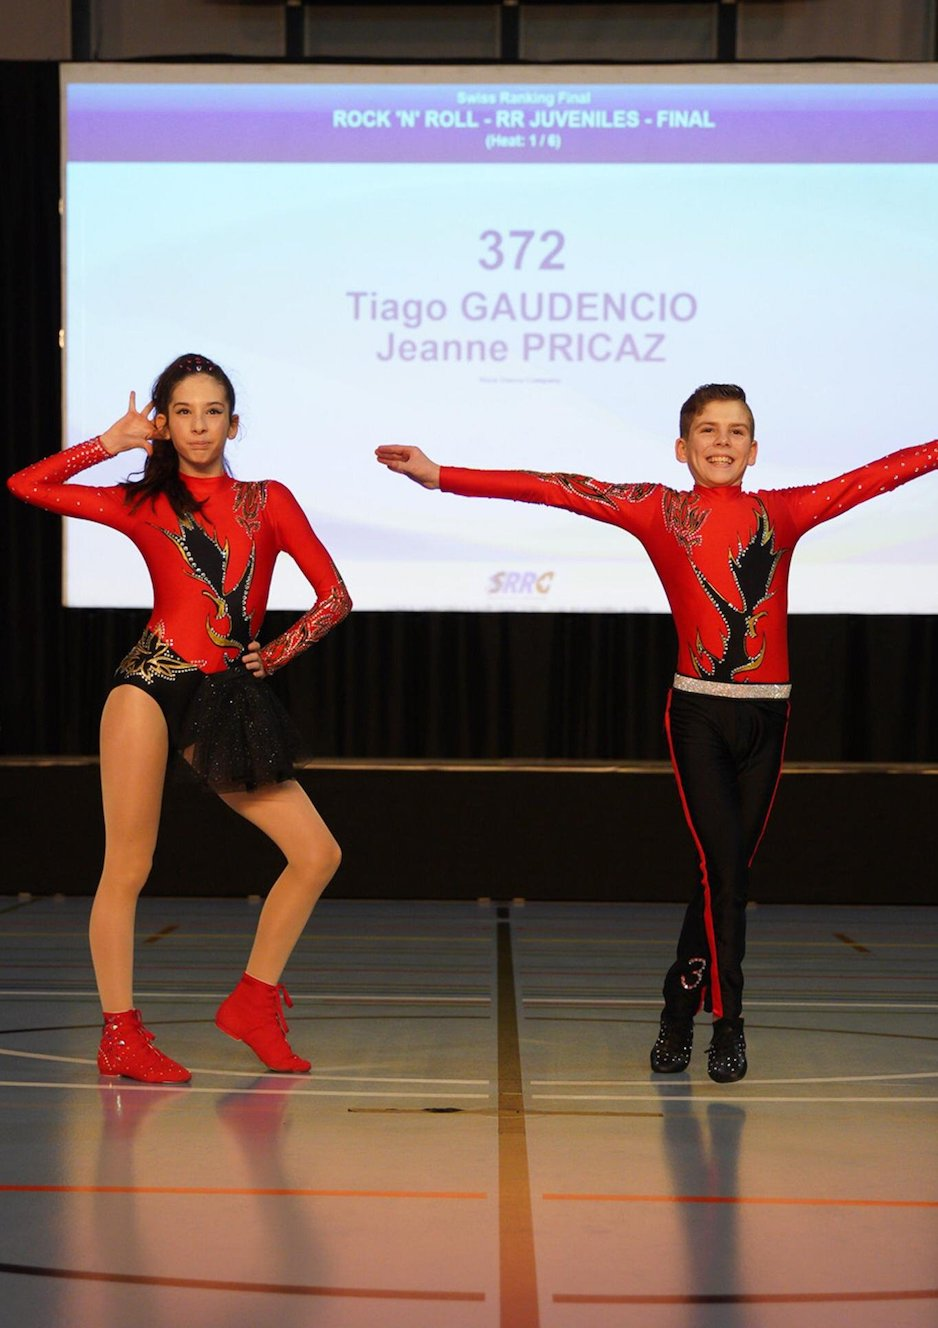 Jeanne Pricaz & Tiago Gaudencio